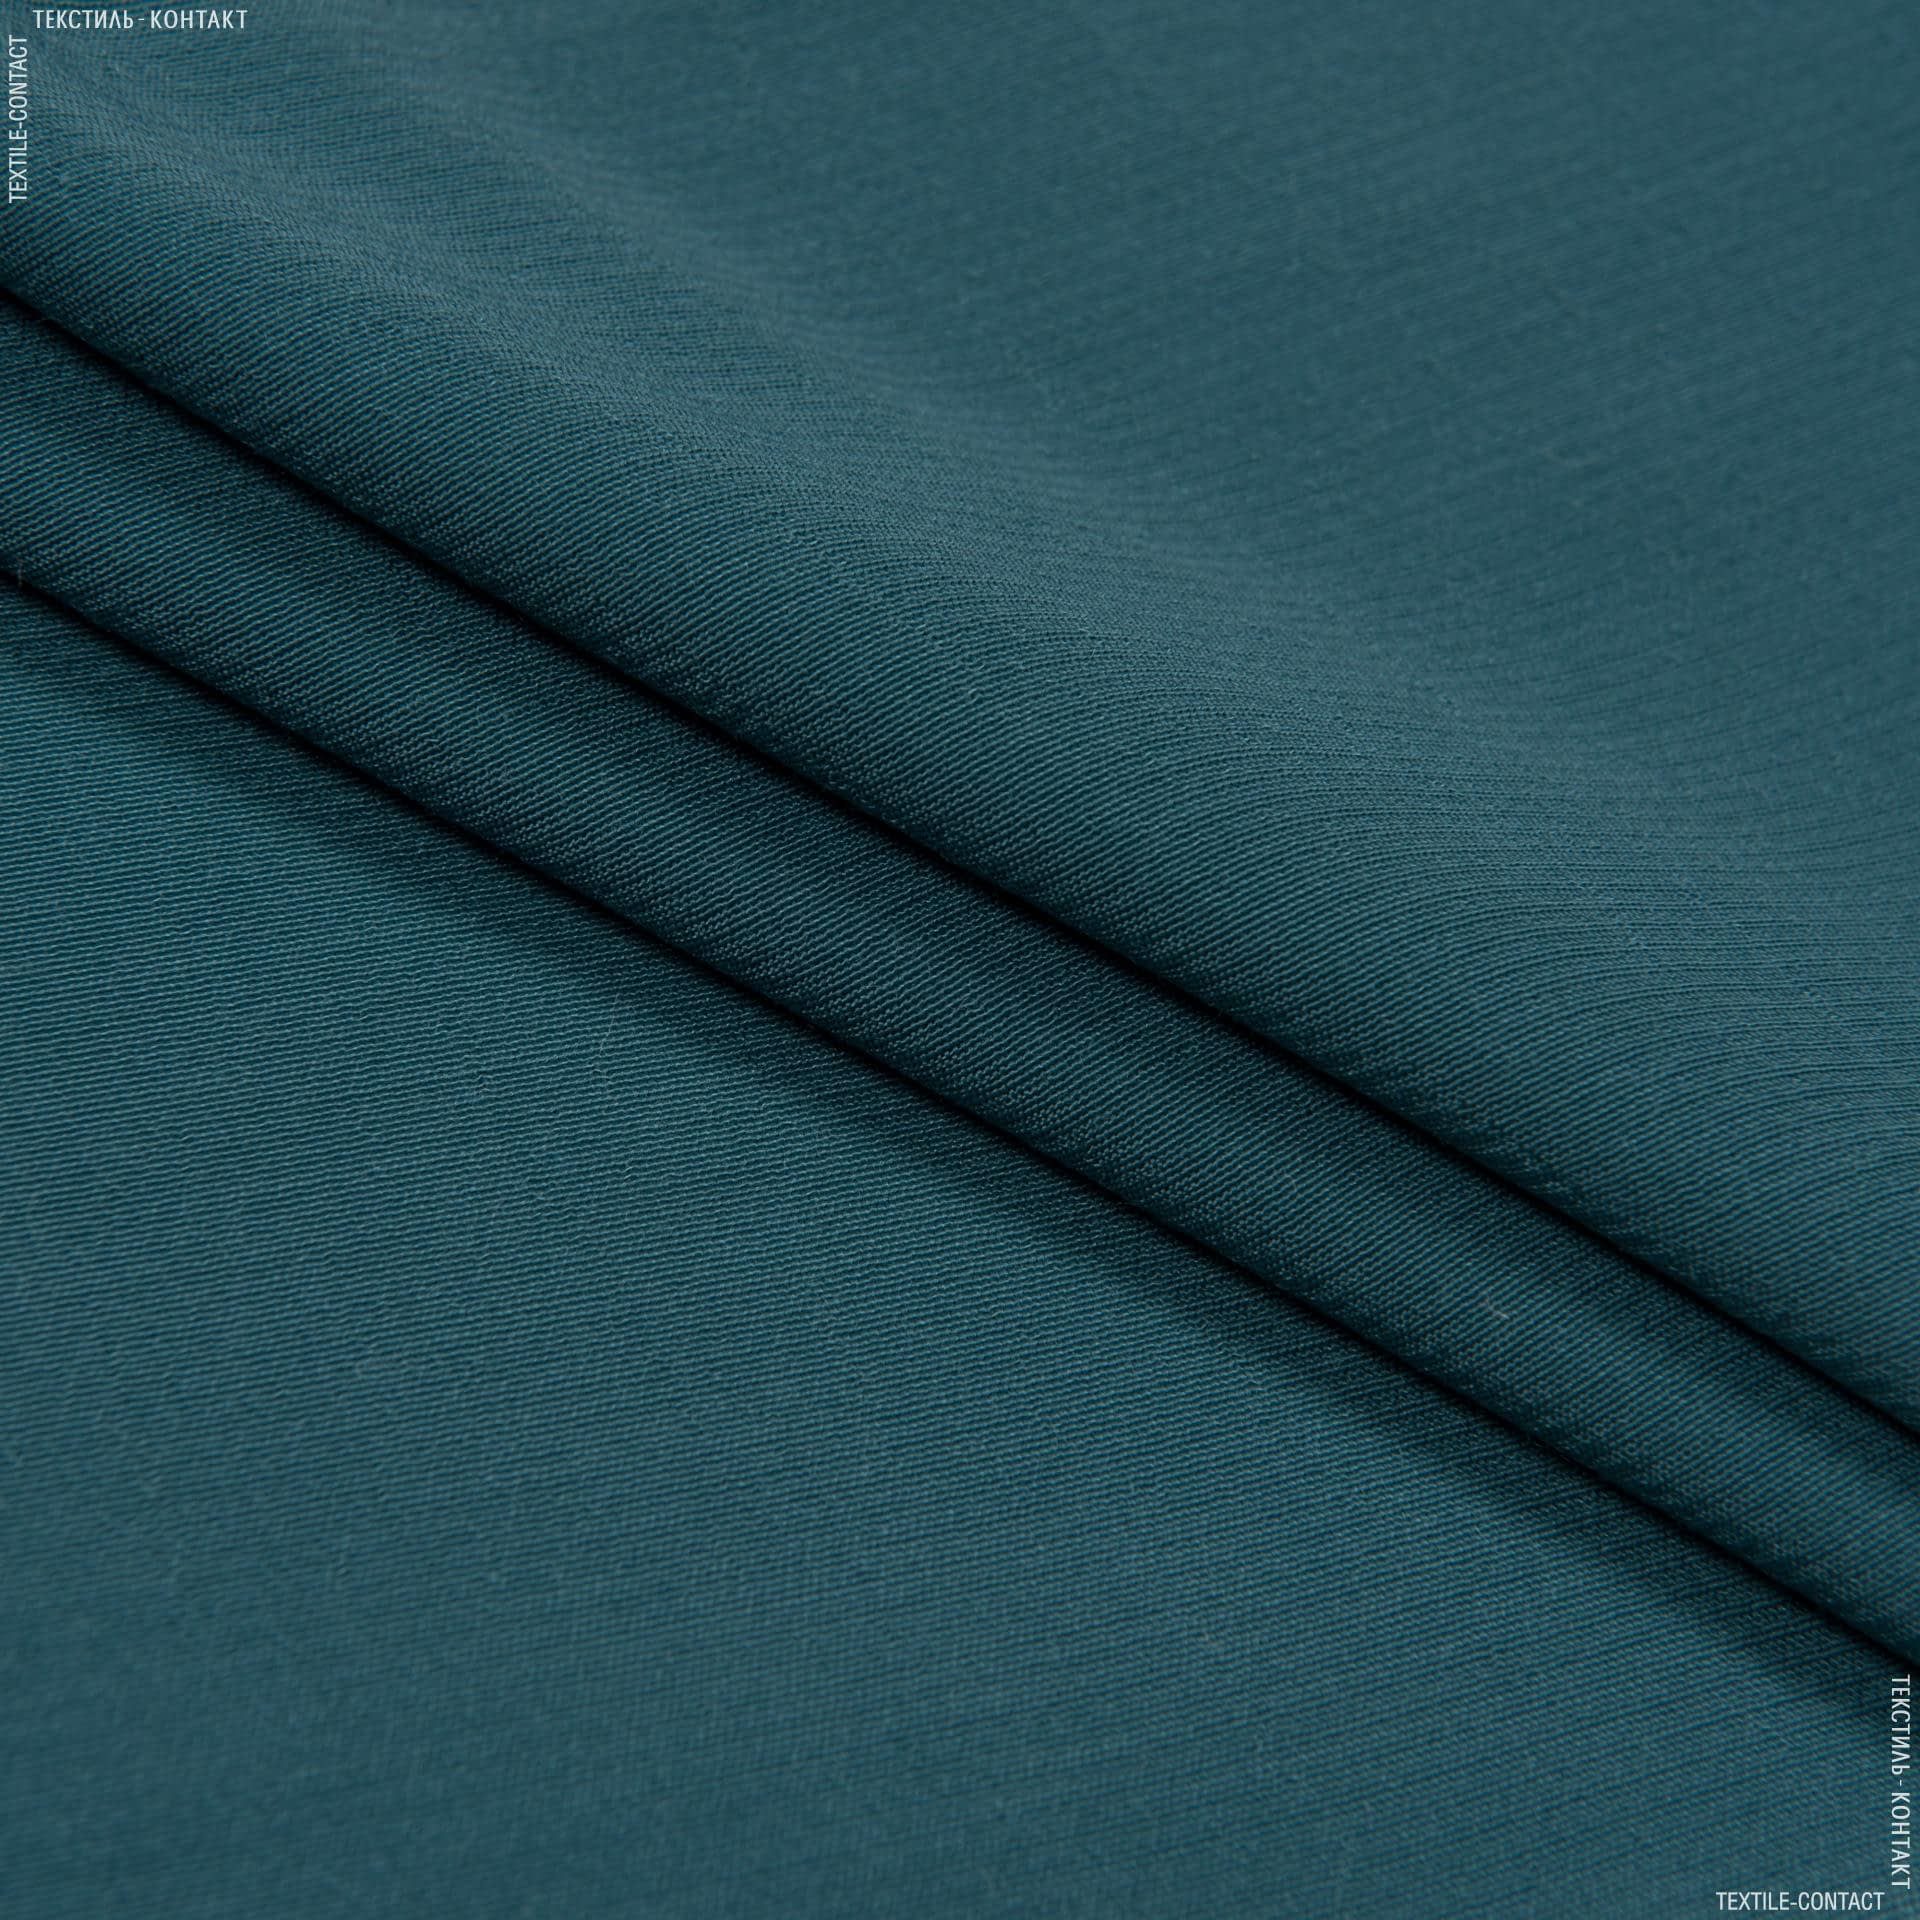 Тканини для костюмів - Платтяний жоржет фас морська хвиля